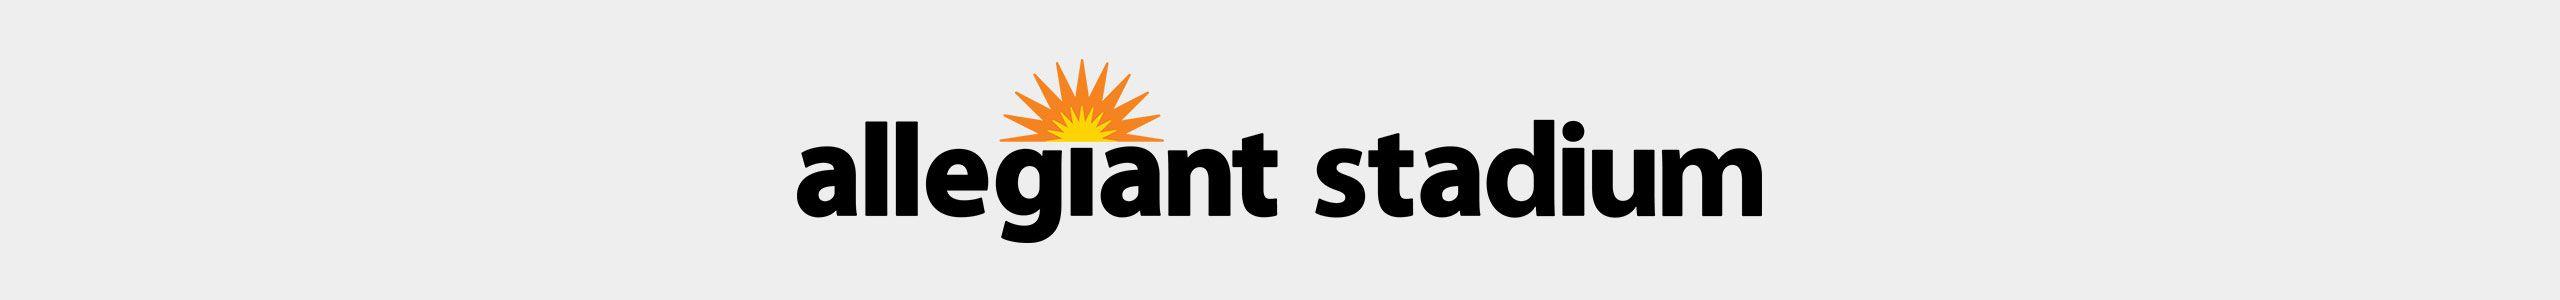 Visit the Allegiant Stadium website